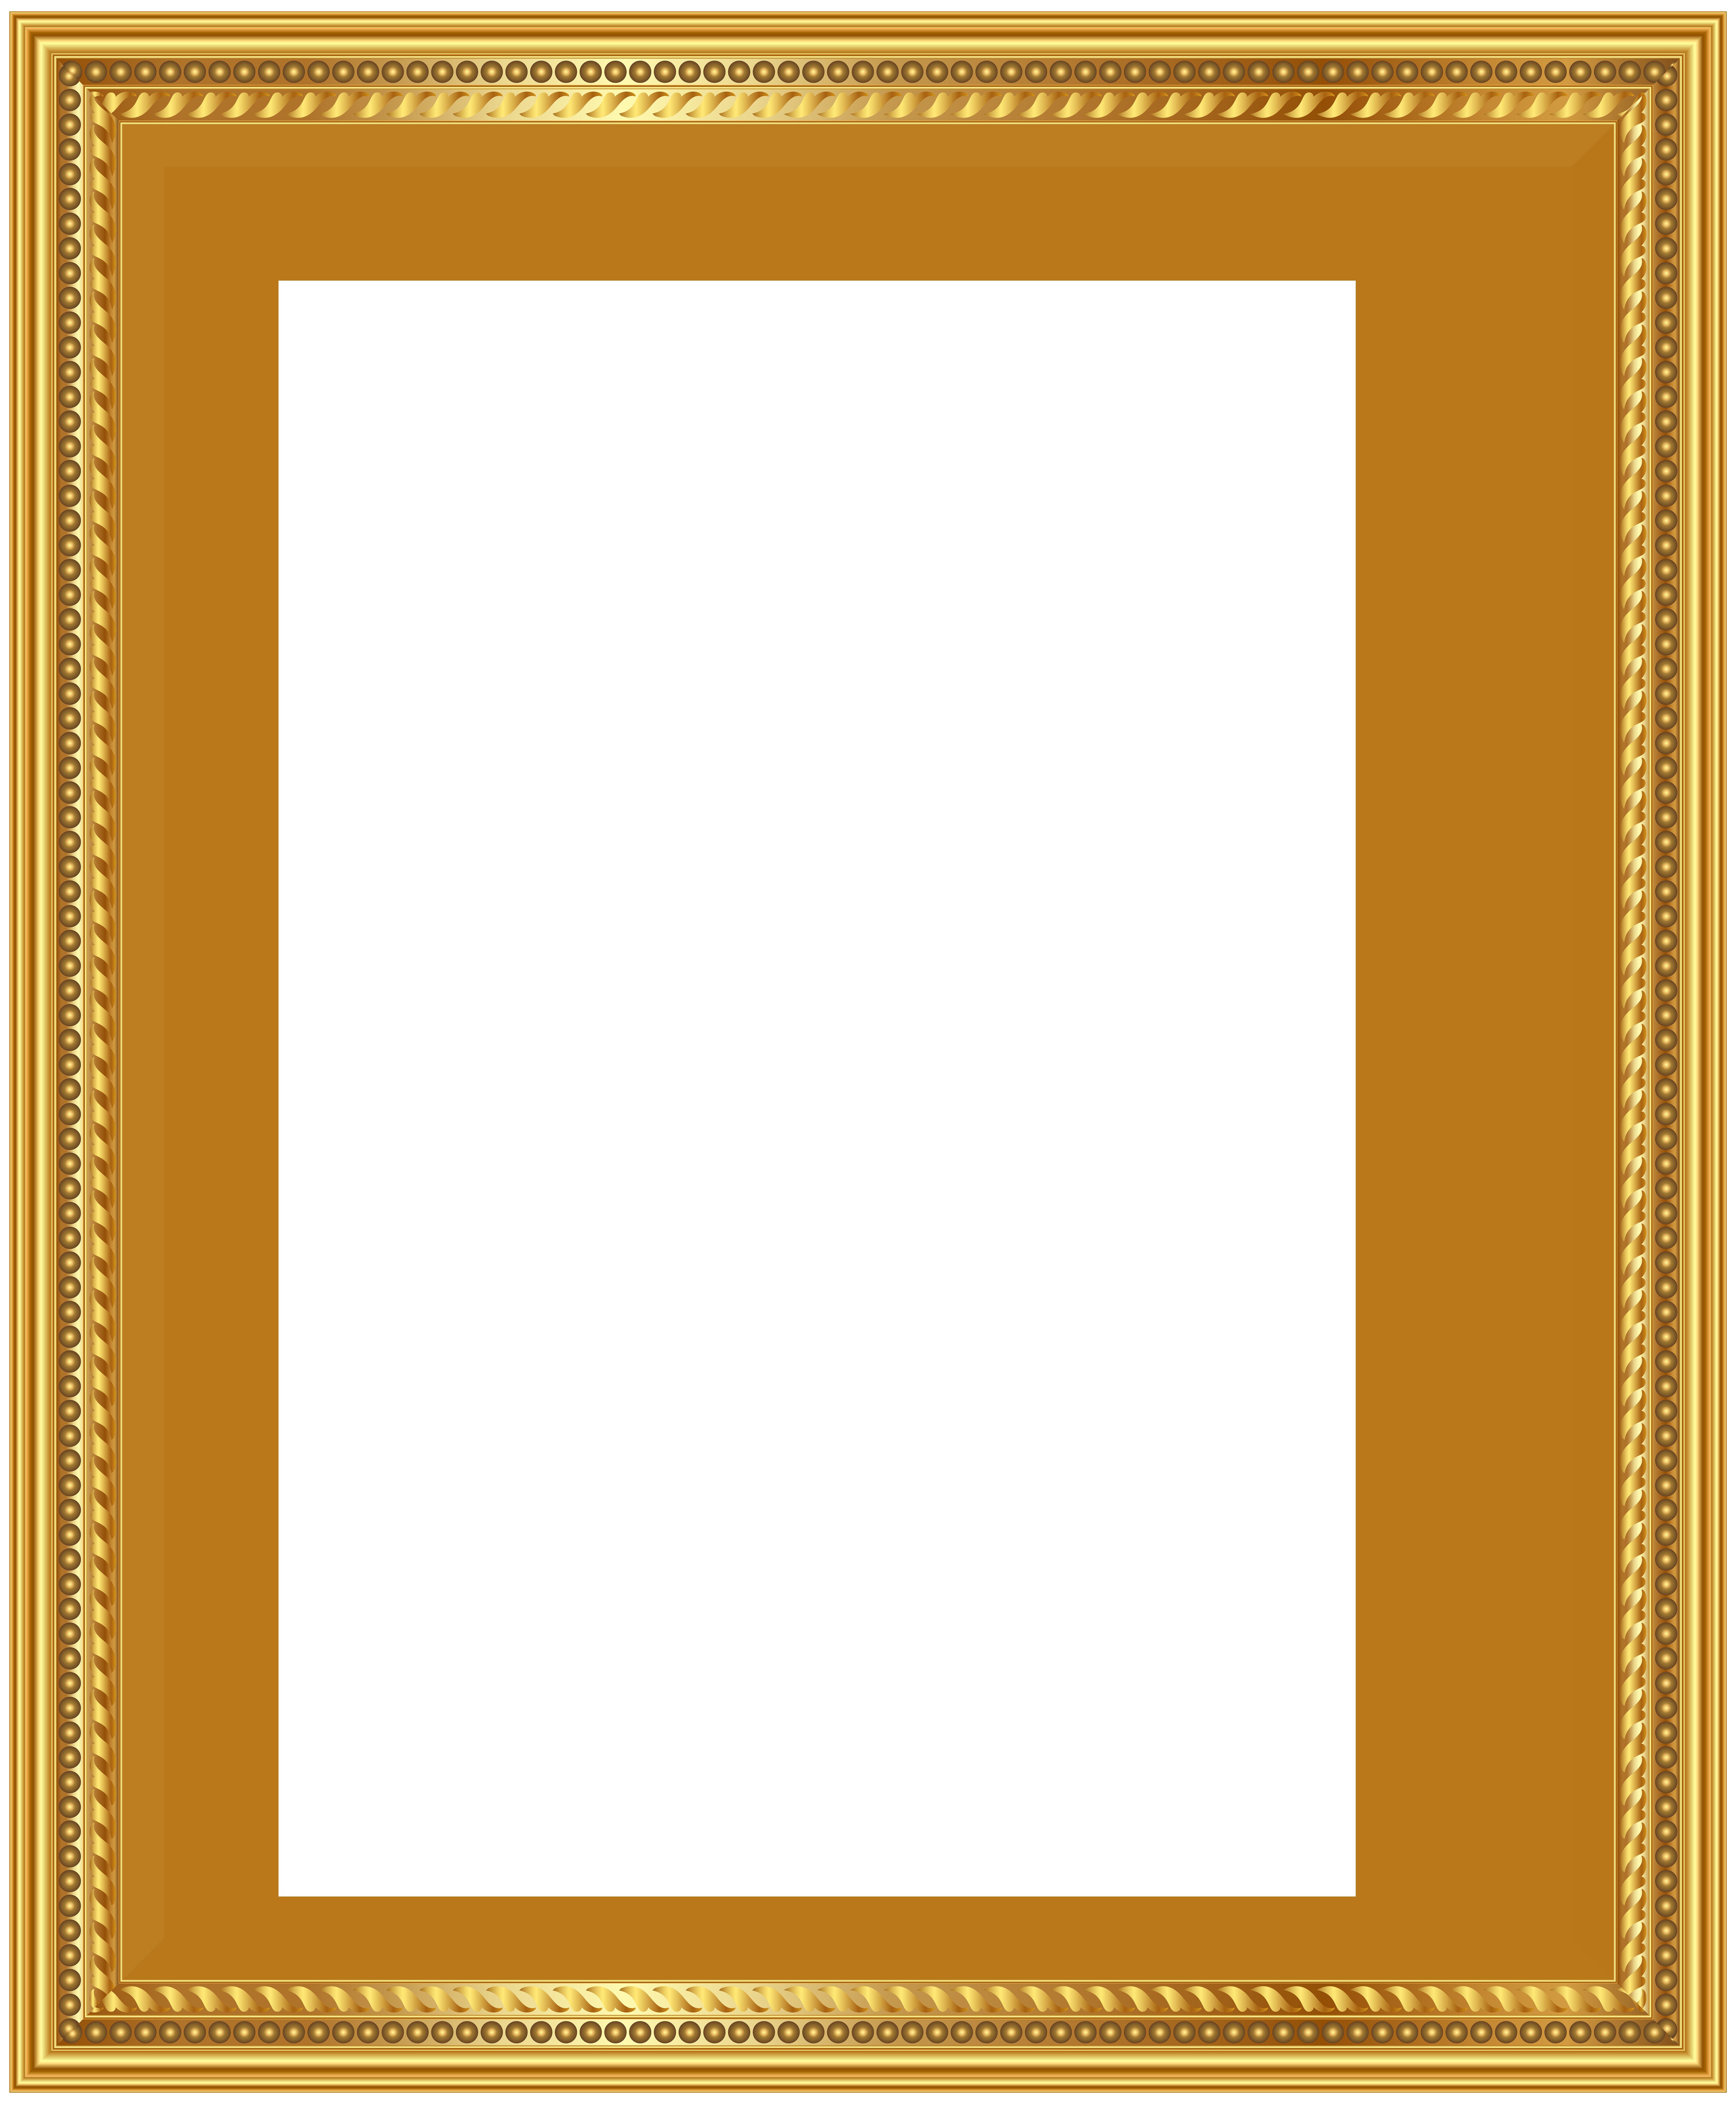 Gold Deco Frame PNG Clip Art Image.